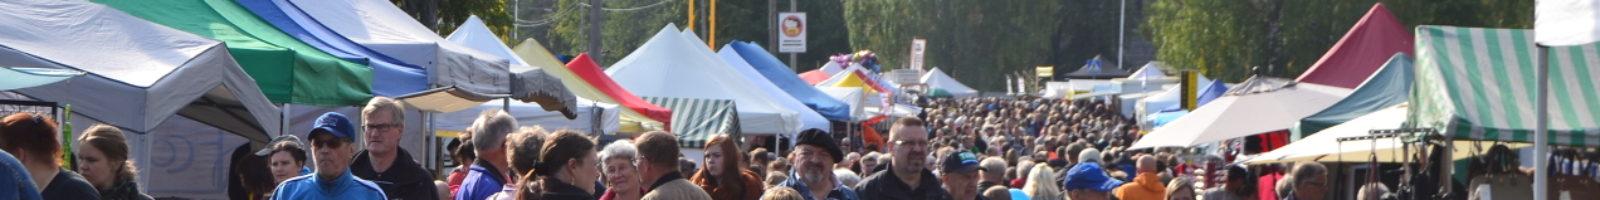 cropped-Otsikko-kansaa-1600-200.jpg